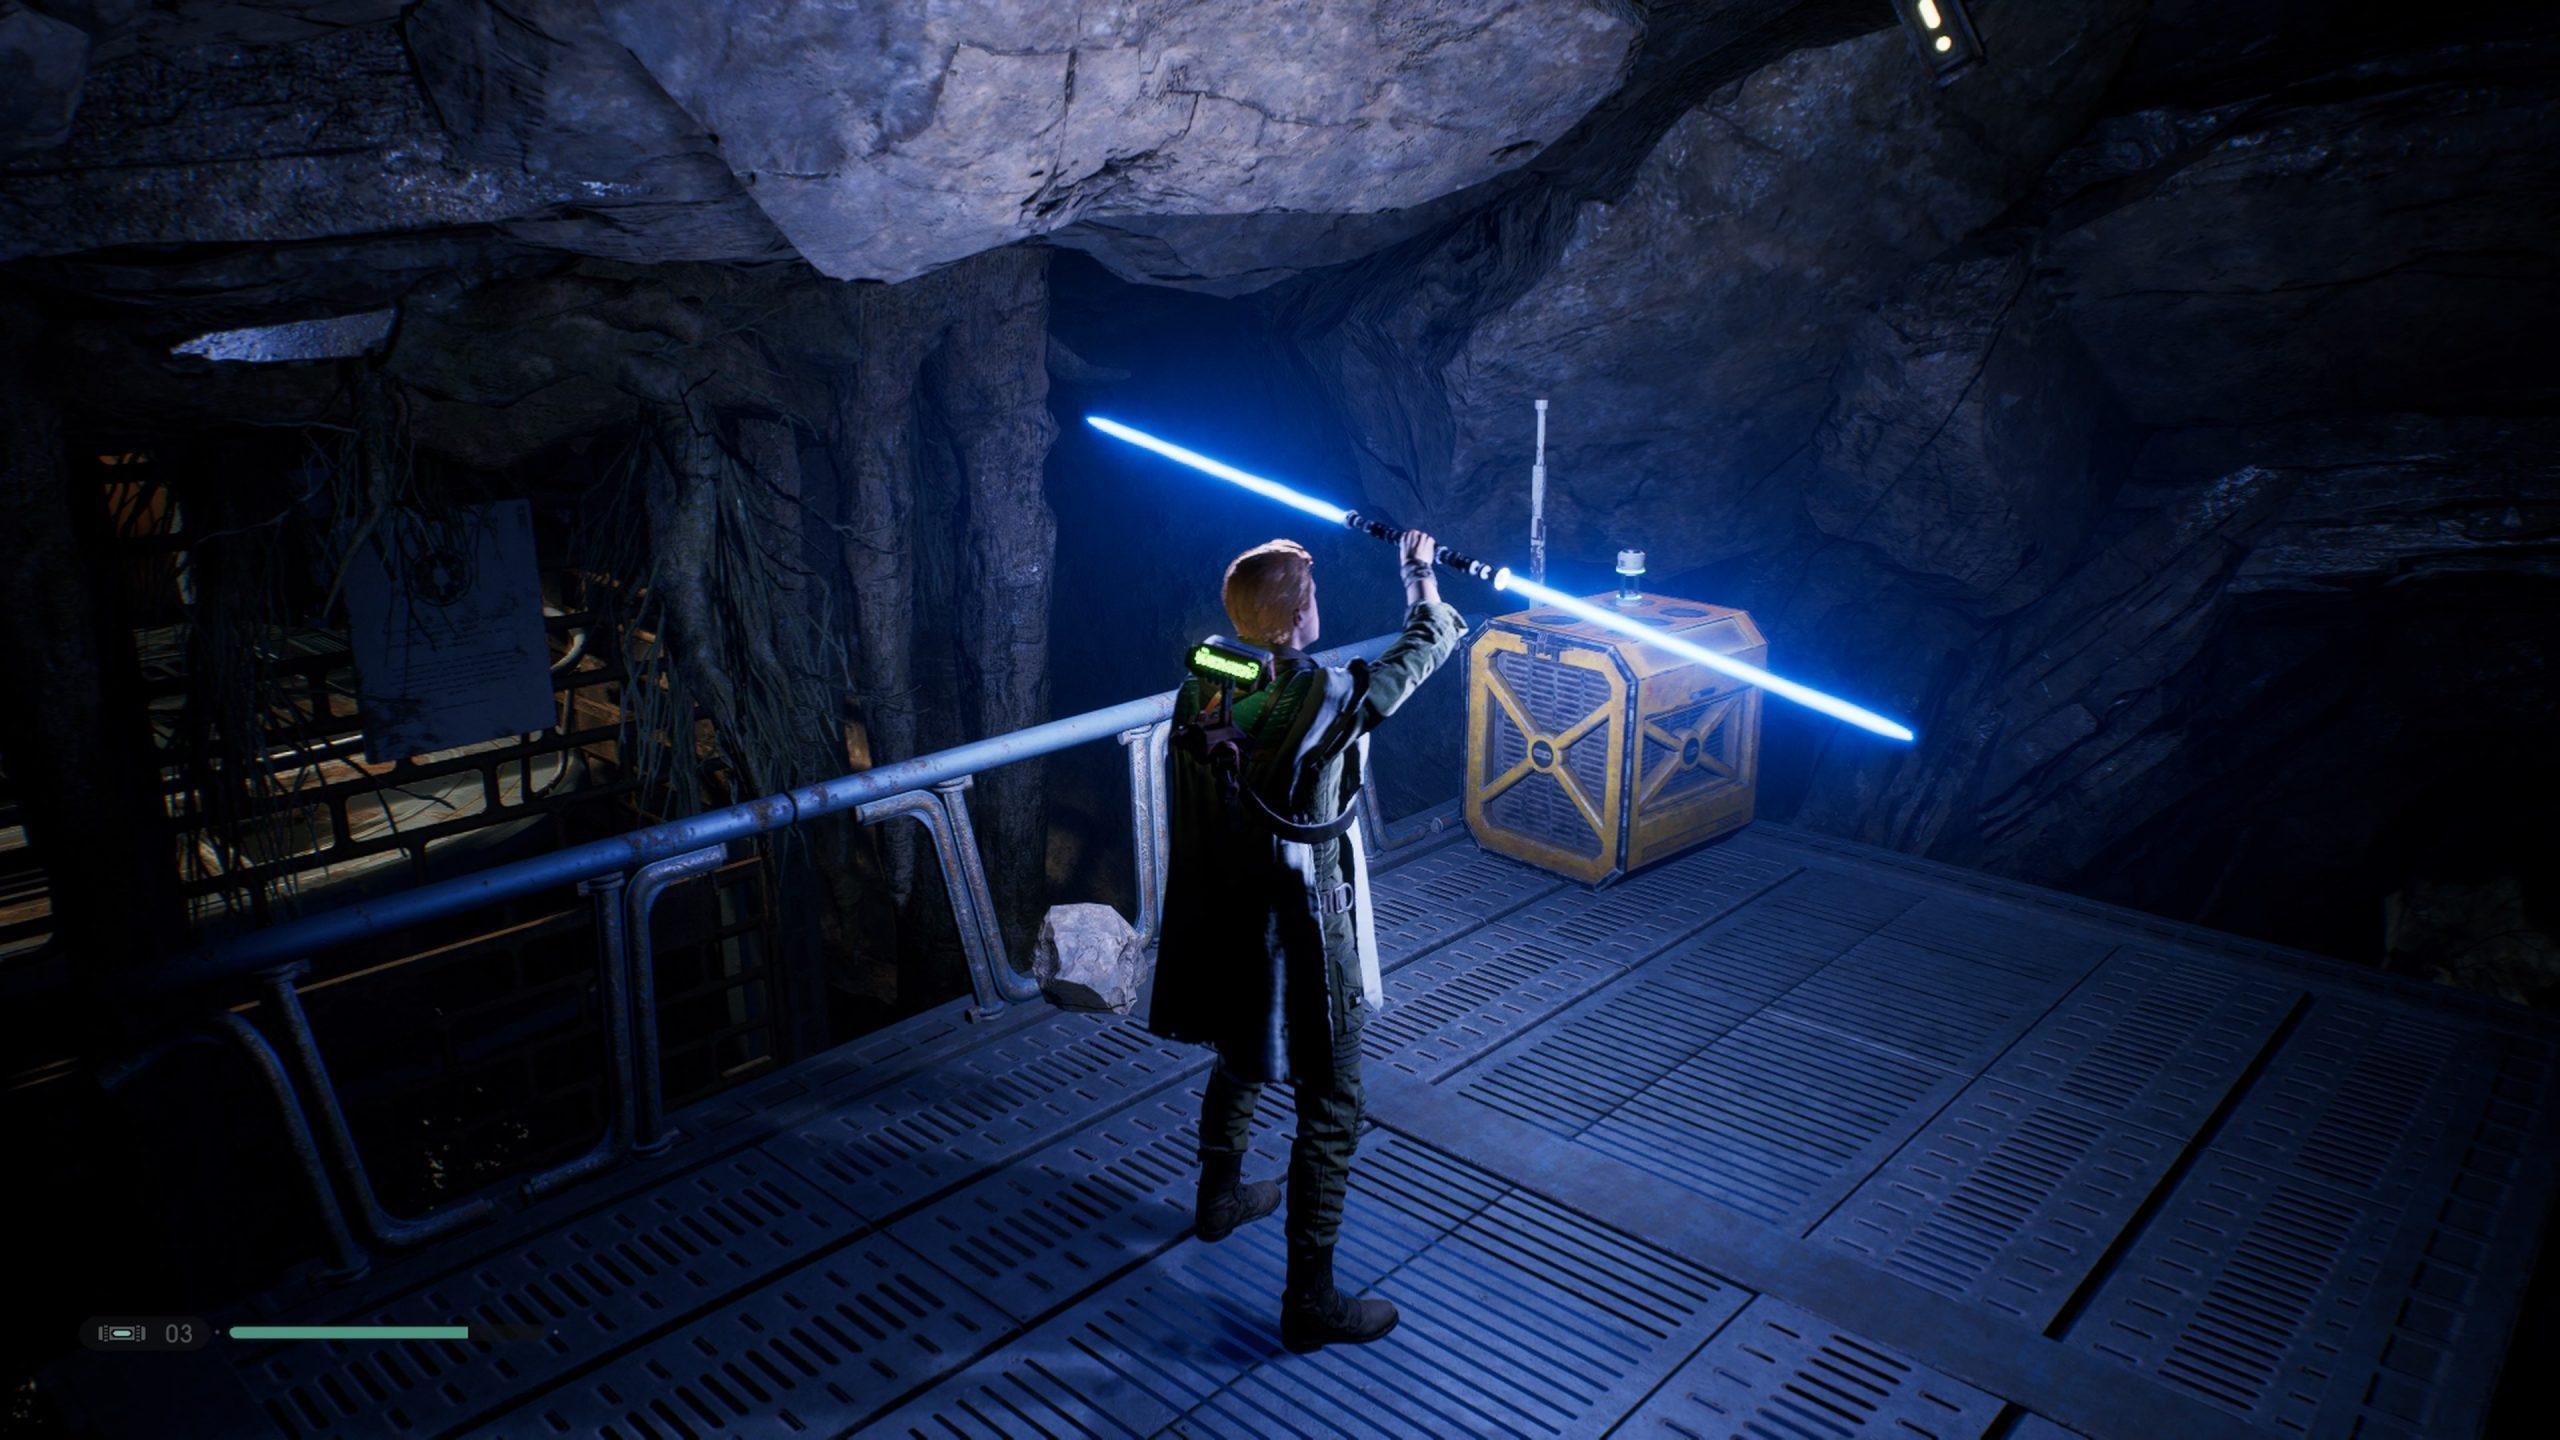 Tous les emplacements de Stim Canister dans Star Wars Jedi : Ordre tombé